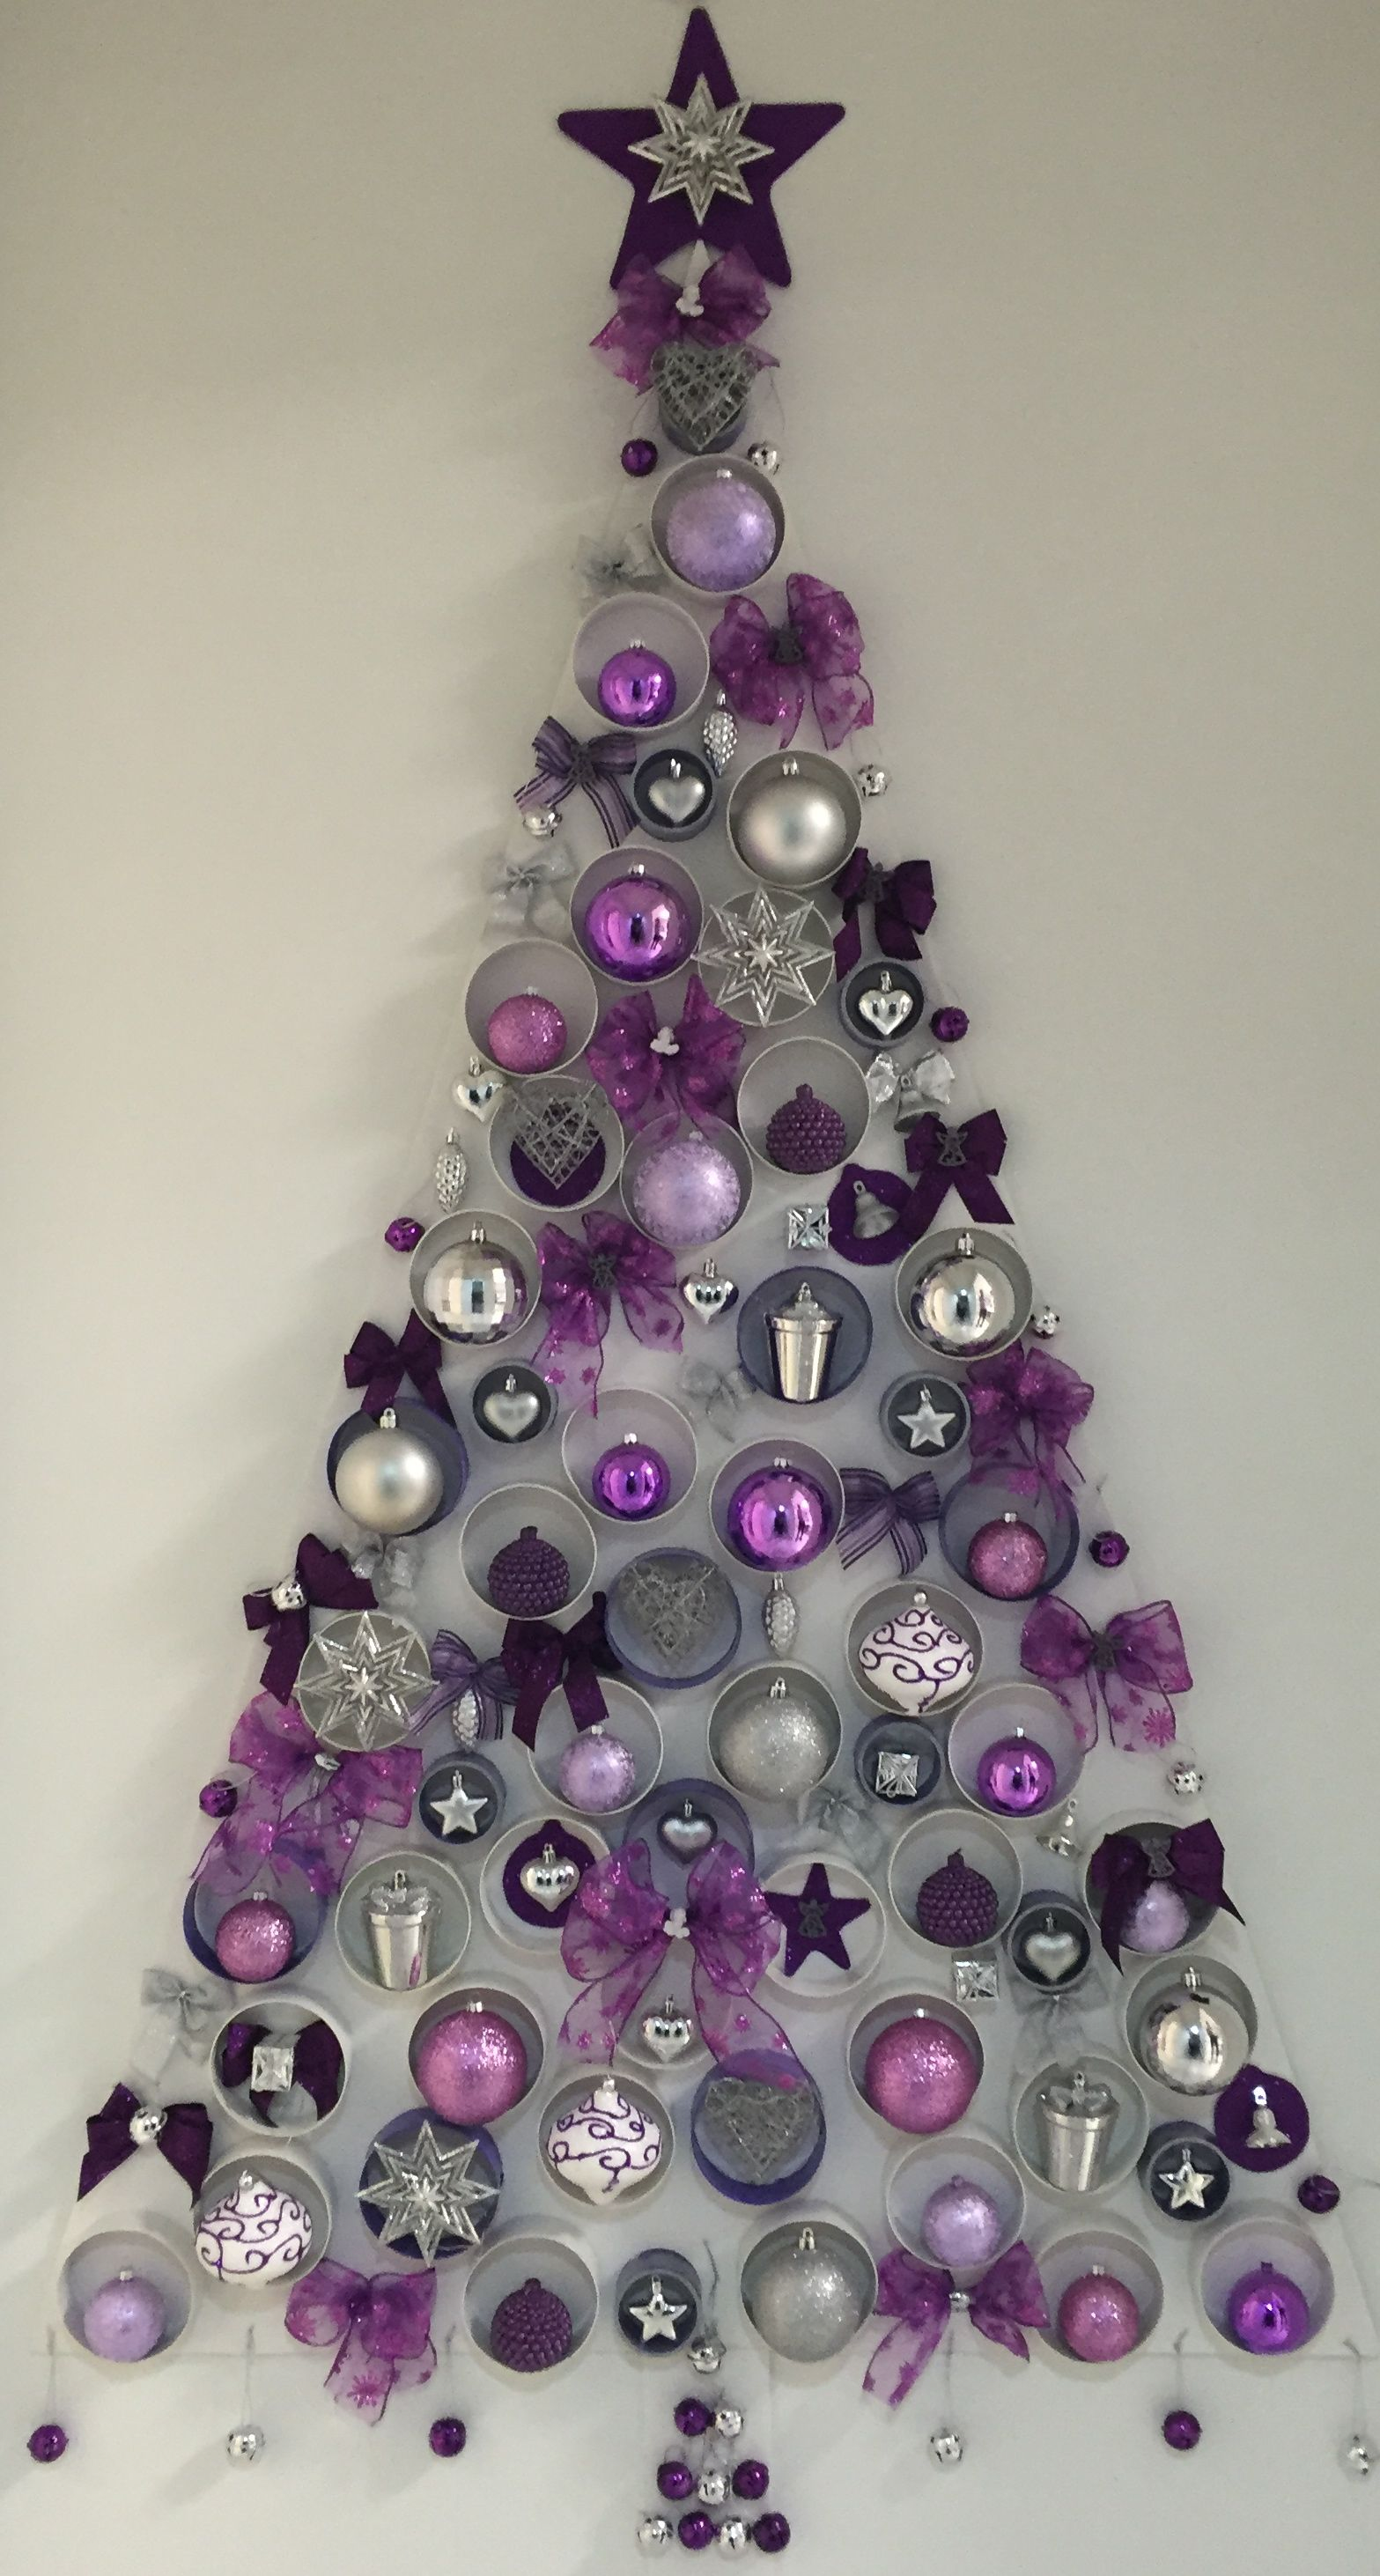 Rbol de navidad en pared morado mis manualidades - Decoracion arboles navidenos ...